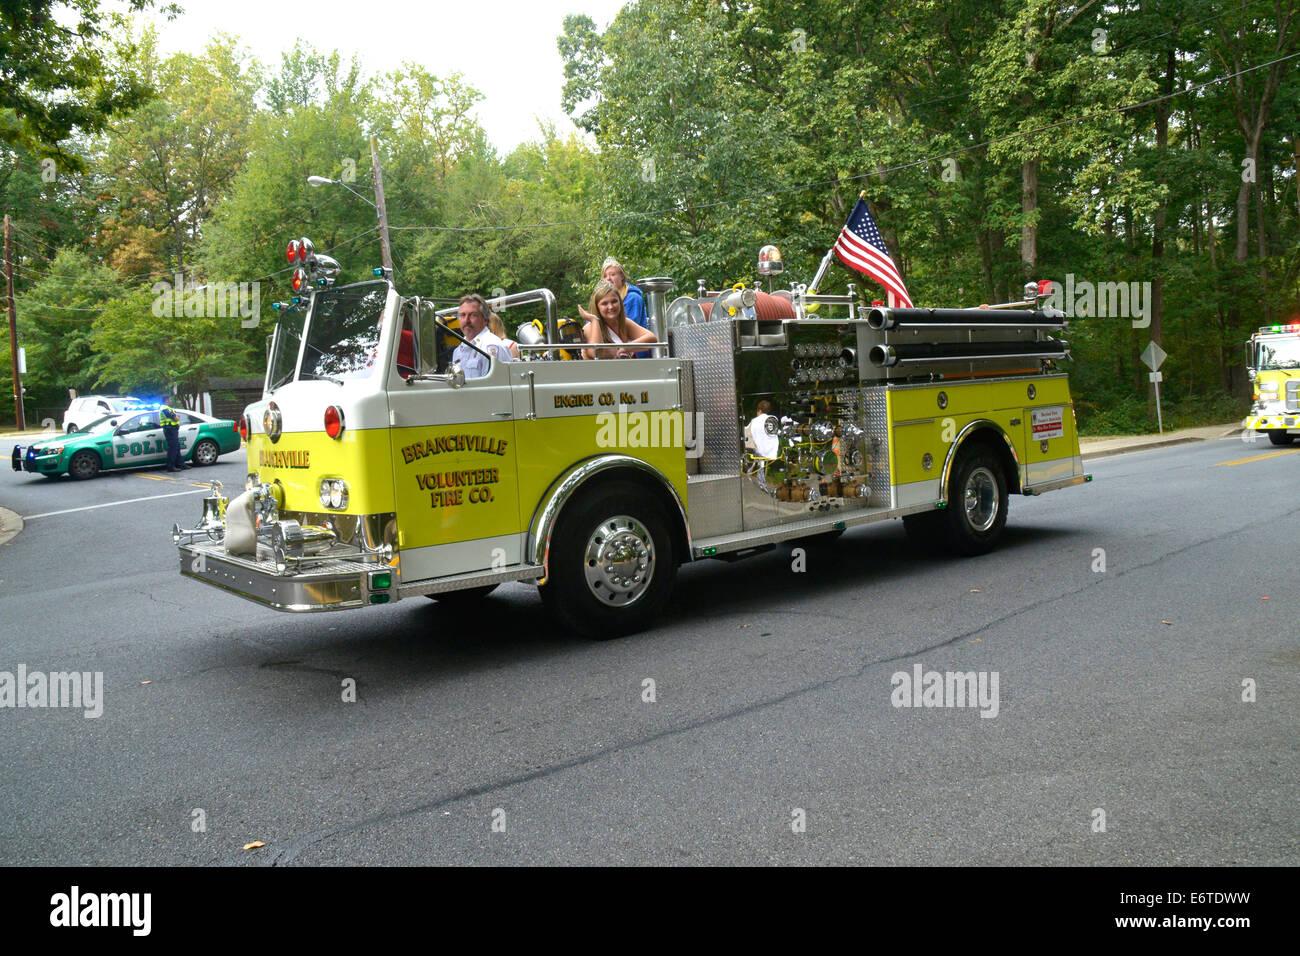 Mlle Jr prévention incendie dans un camion d'incendie dans un défilé des pompiers à Greenbelt, Photo Stock